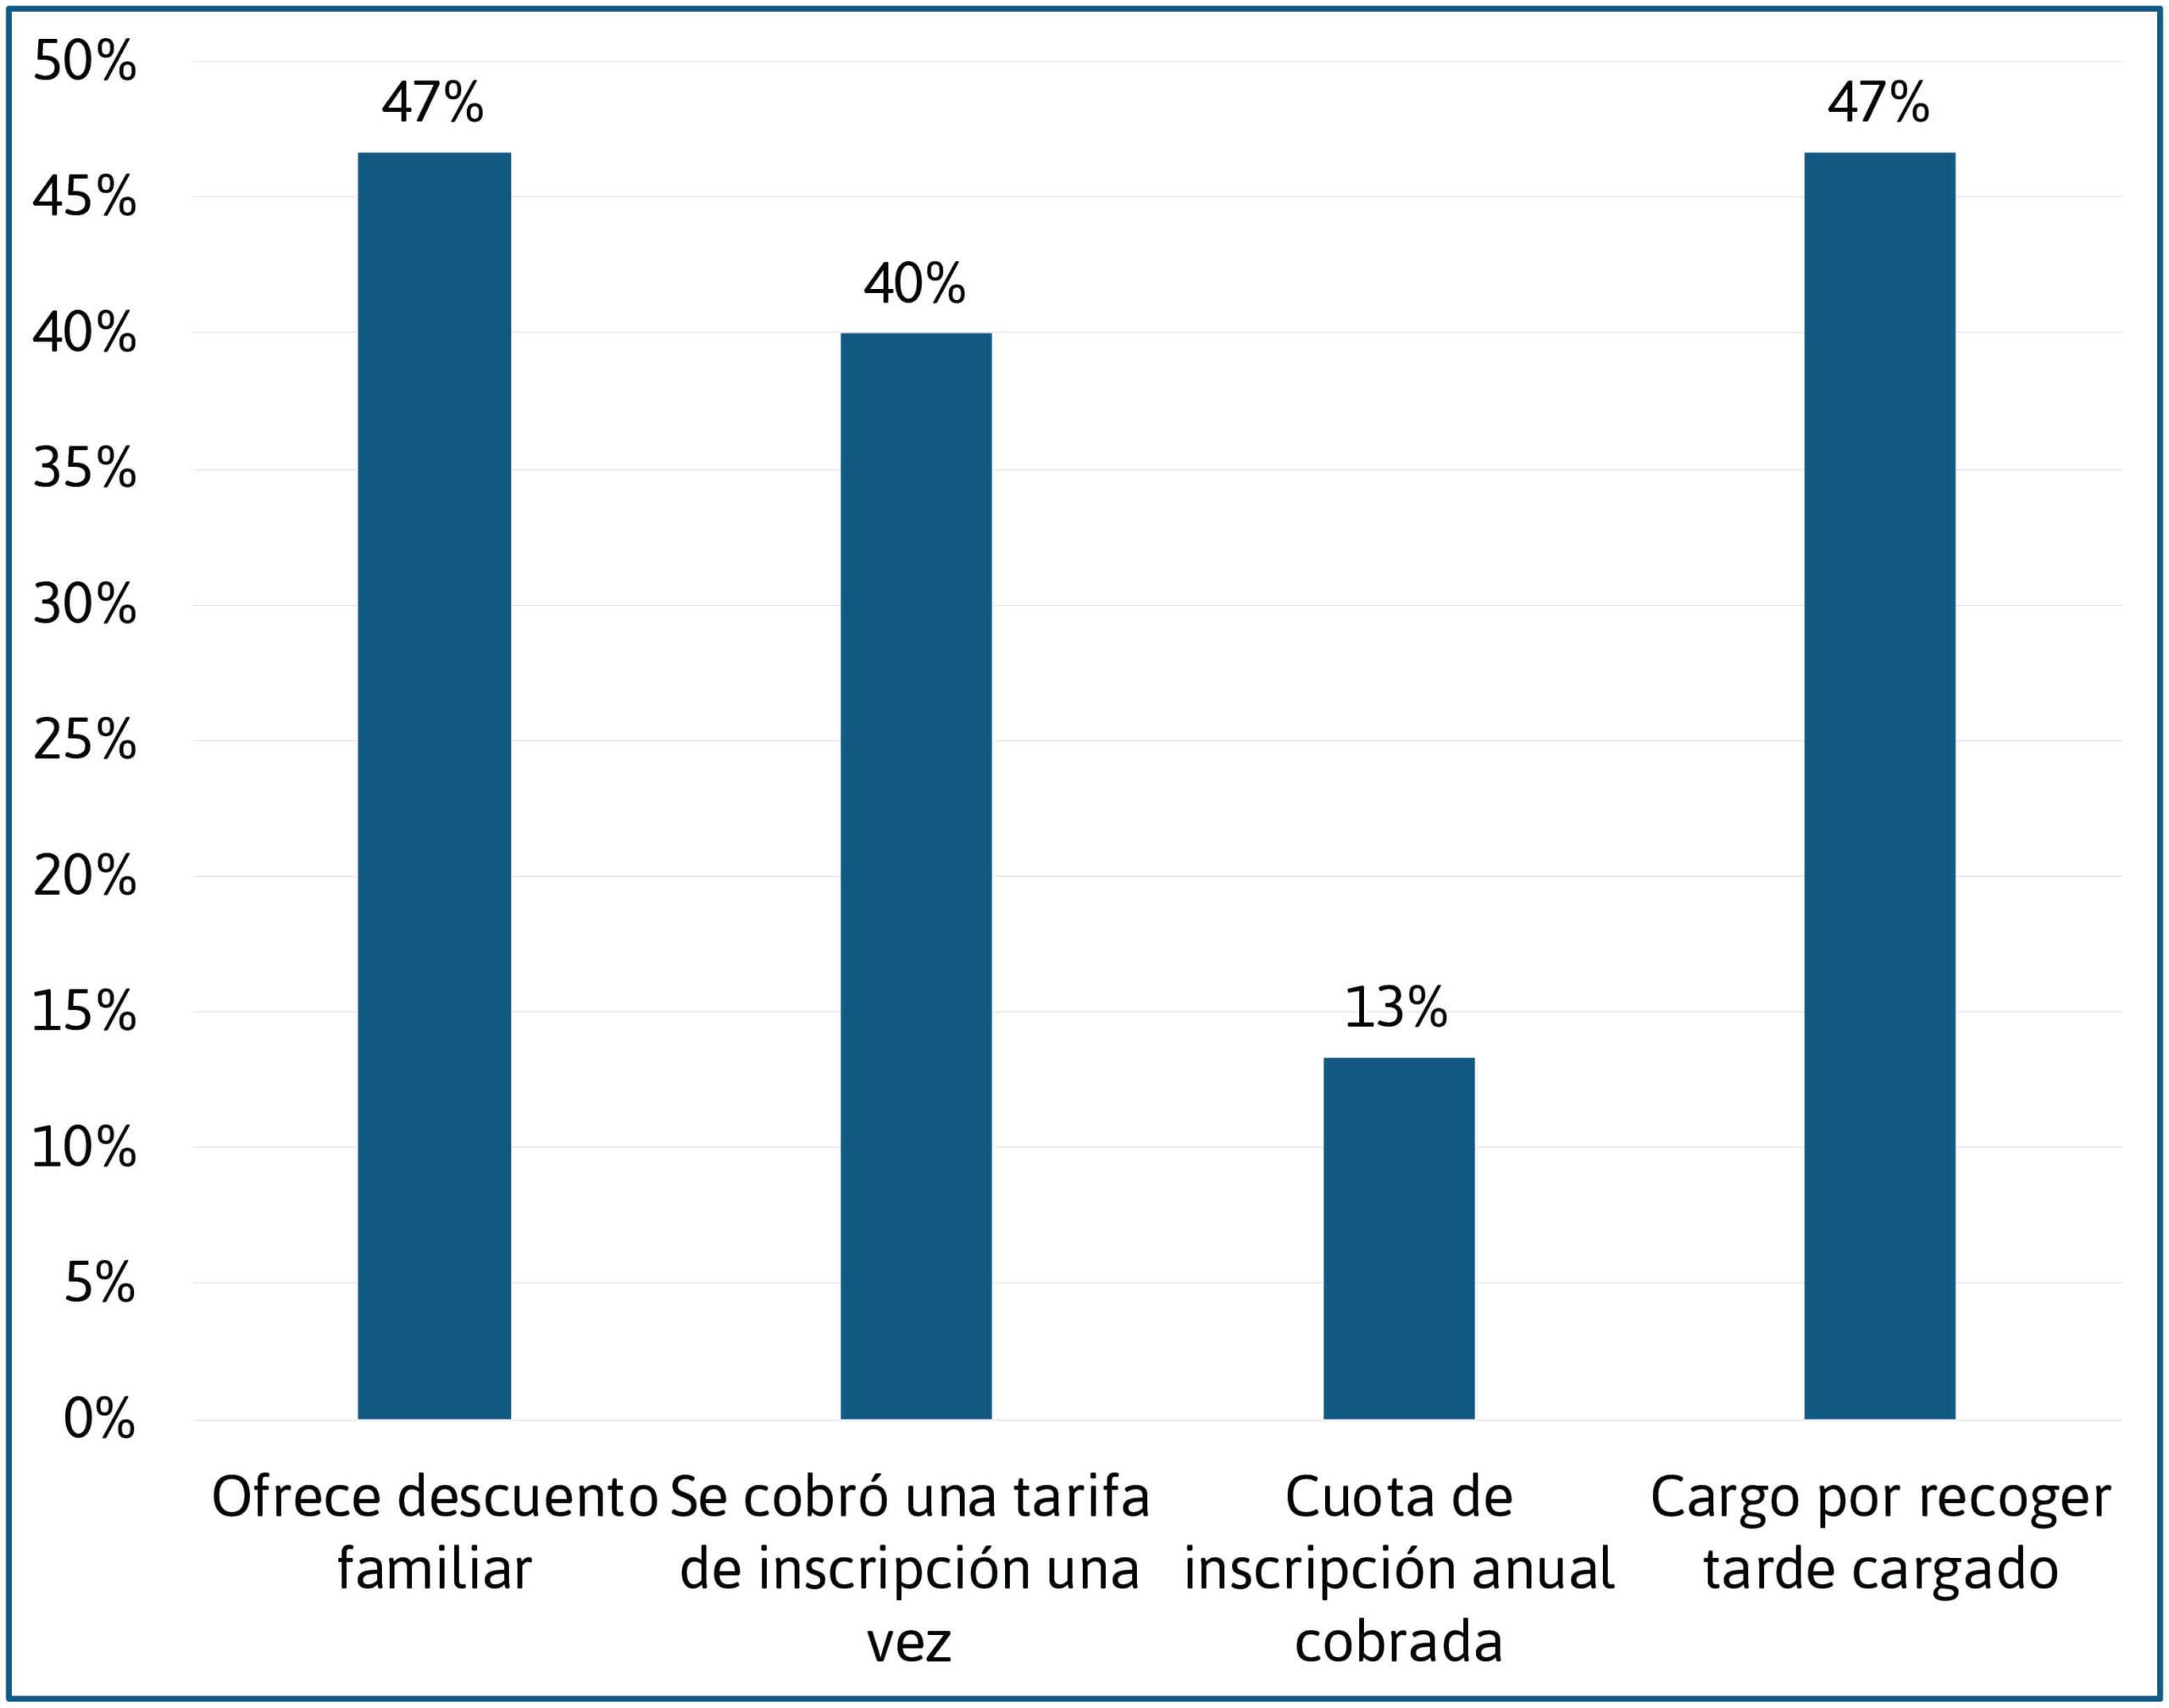 Programas de cuidado infantil familiar descuentos y tarifas adicionales